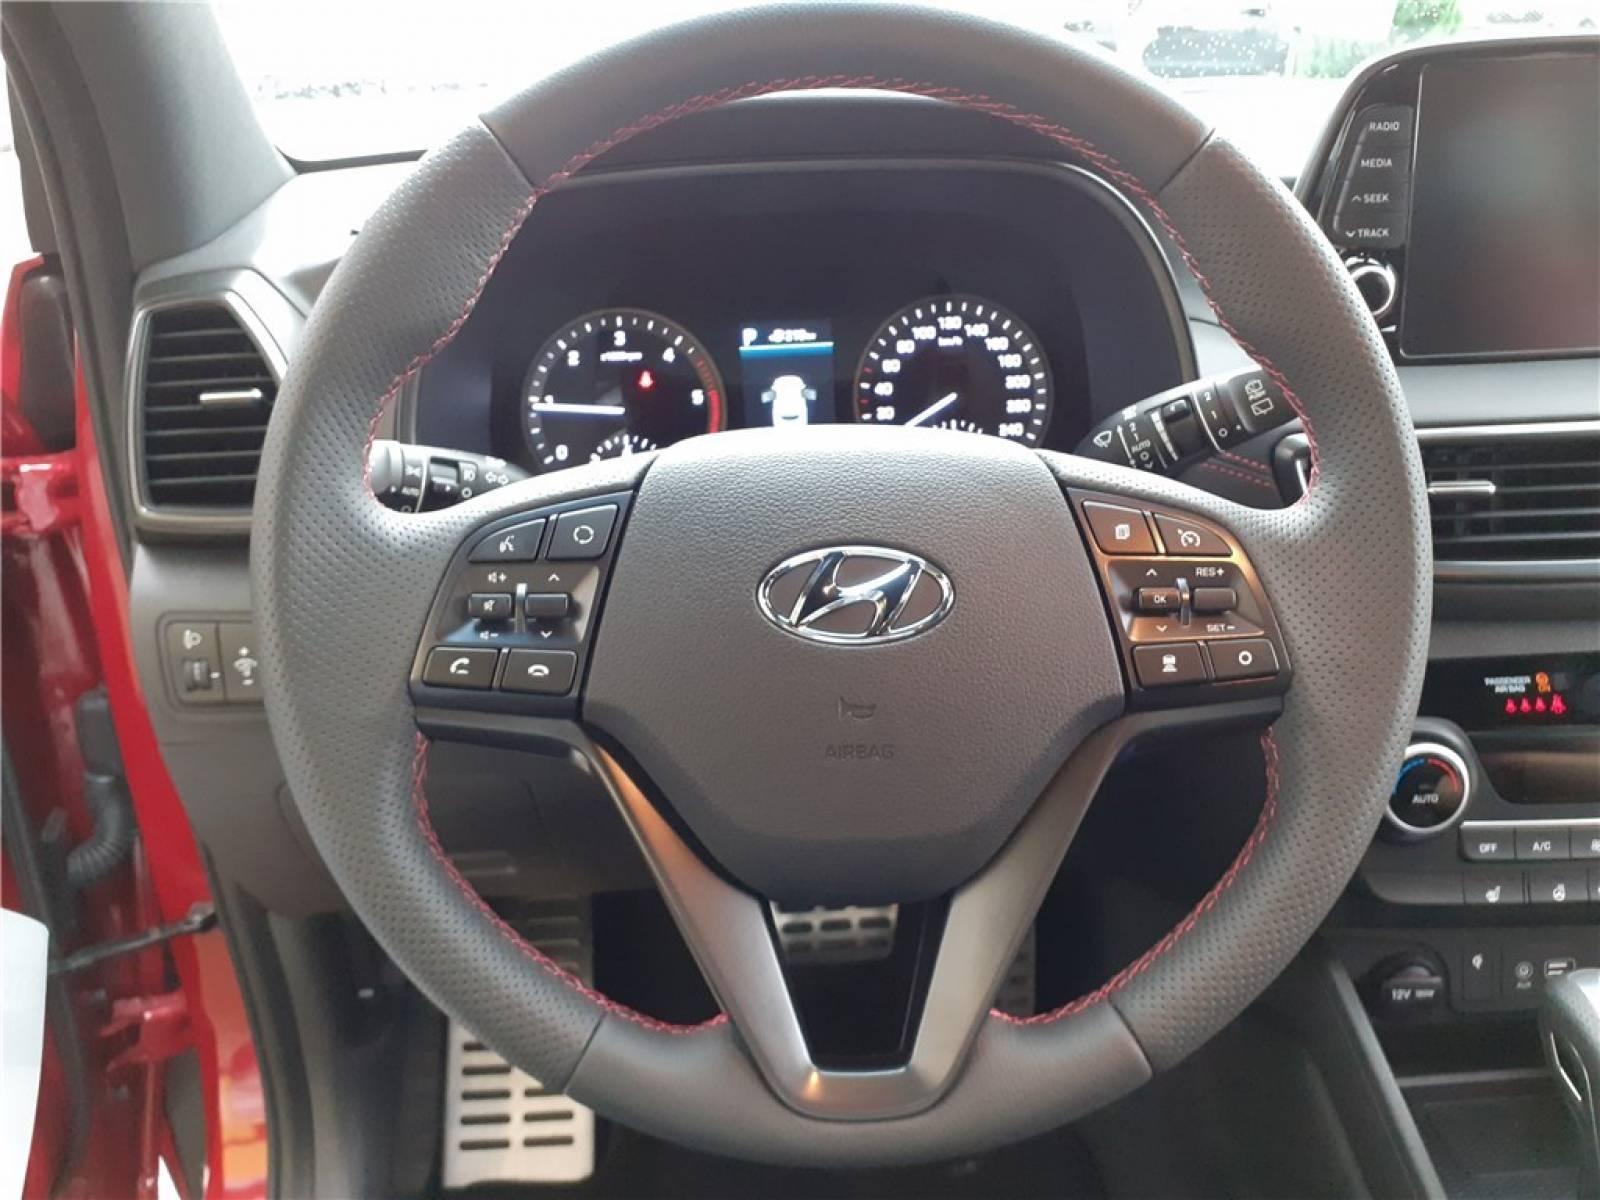 HYUNDAI Tucson 1.6 CRDi 136 HTRAC DCT-7 - véhicule d'occasion - Groupe Guillet - Opel Magicauto - Chalon-sur-Saône - 71380 - Saint-Marcel - 24